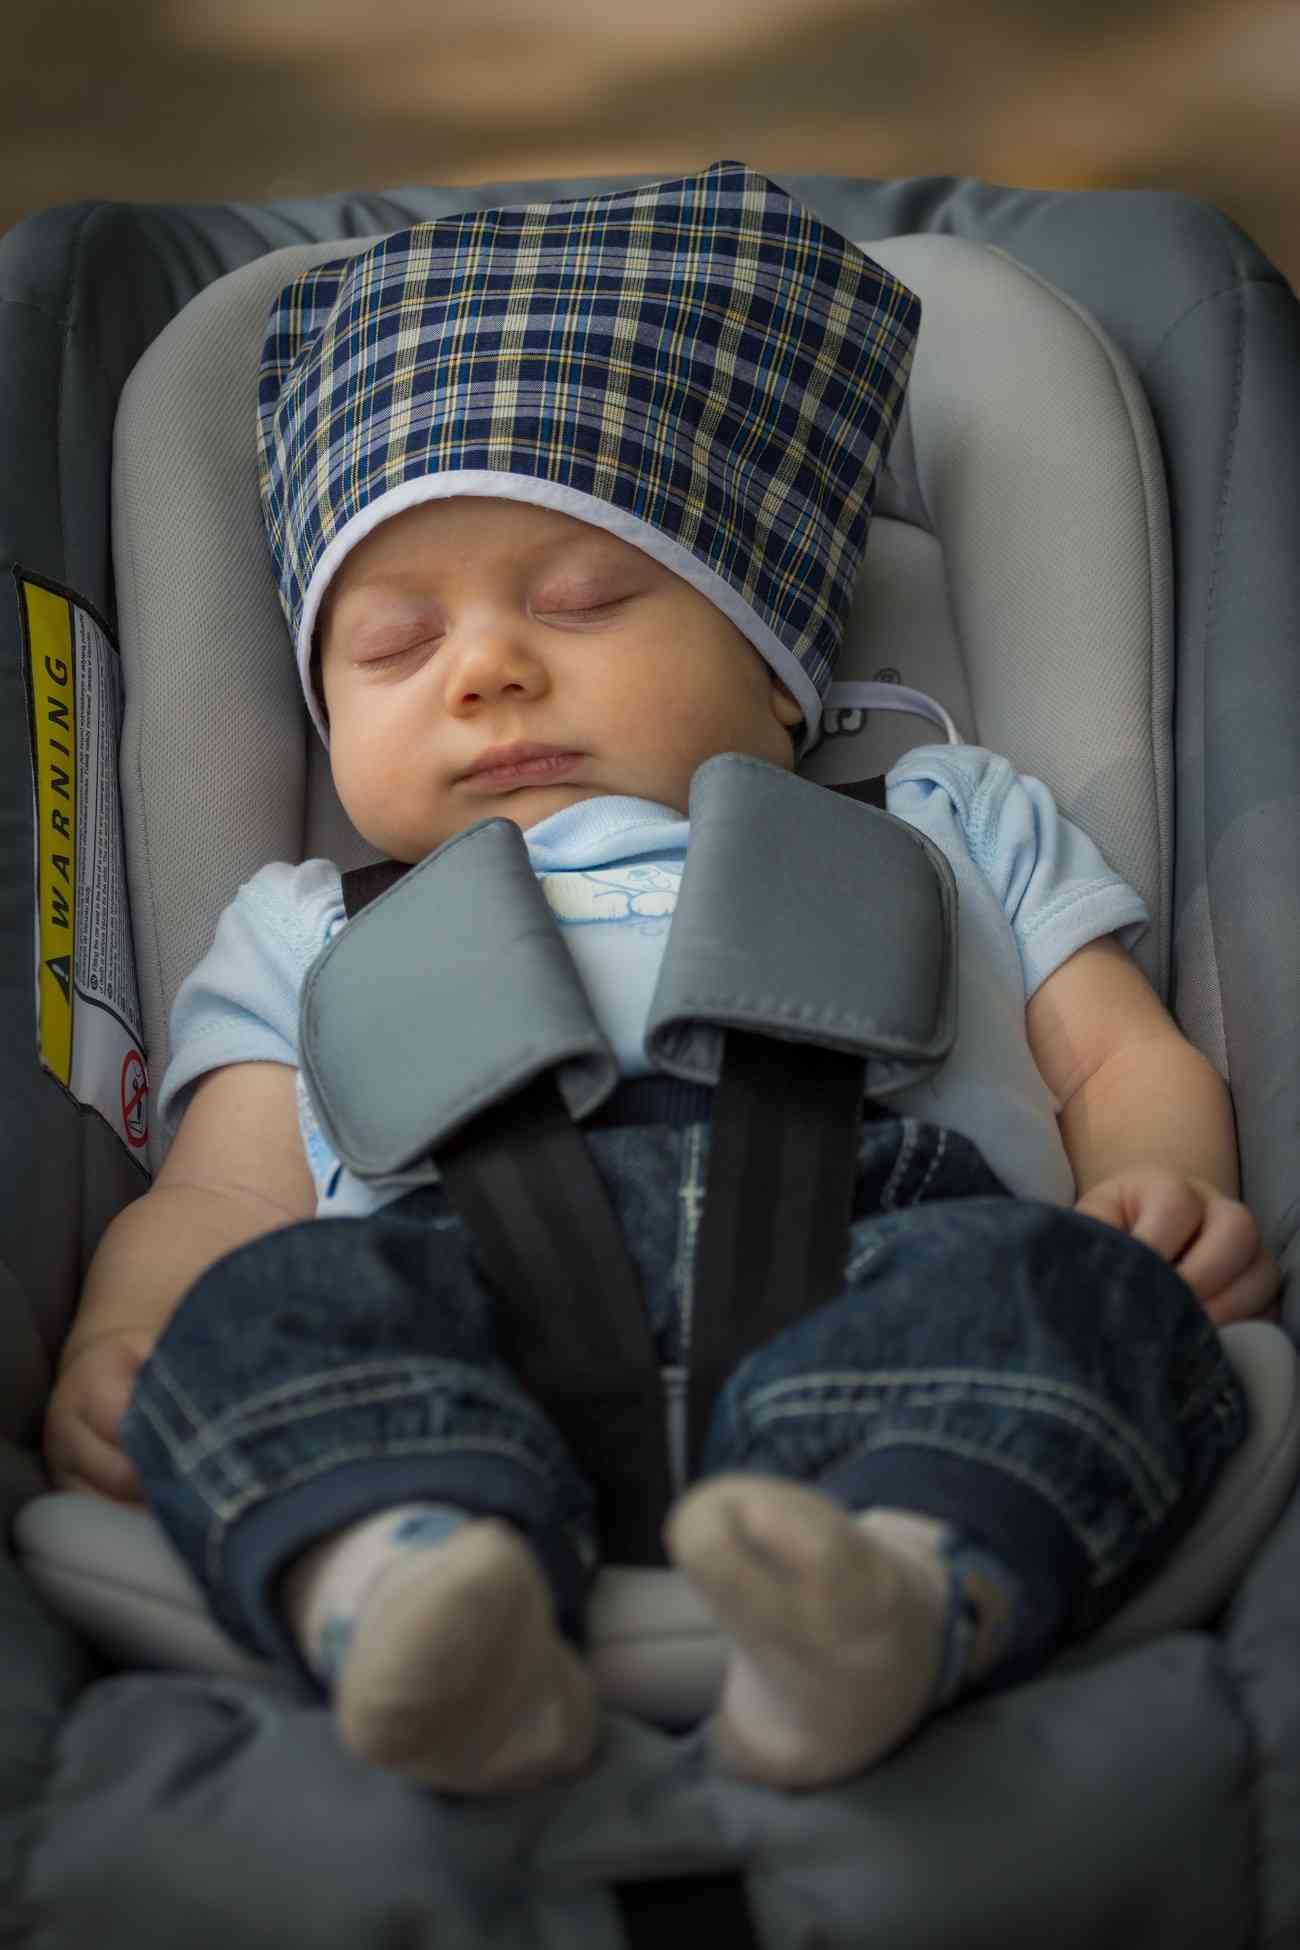 Más de la mitad de los padres, ponen en riesgo a sus hijos en el coche 4